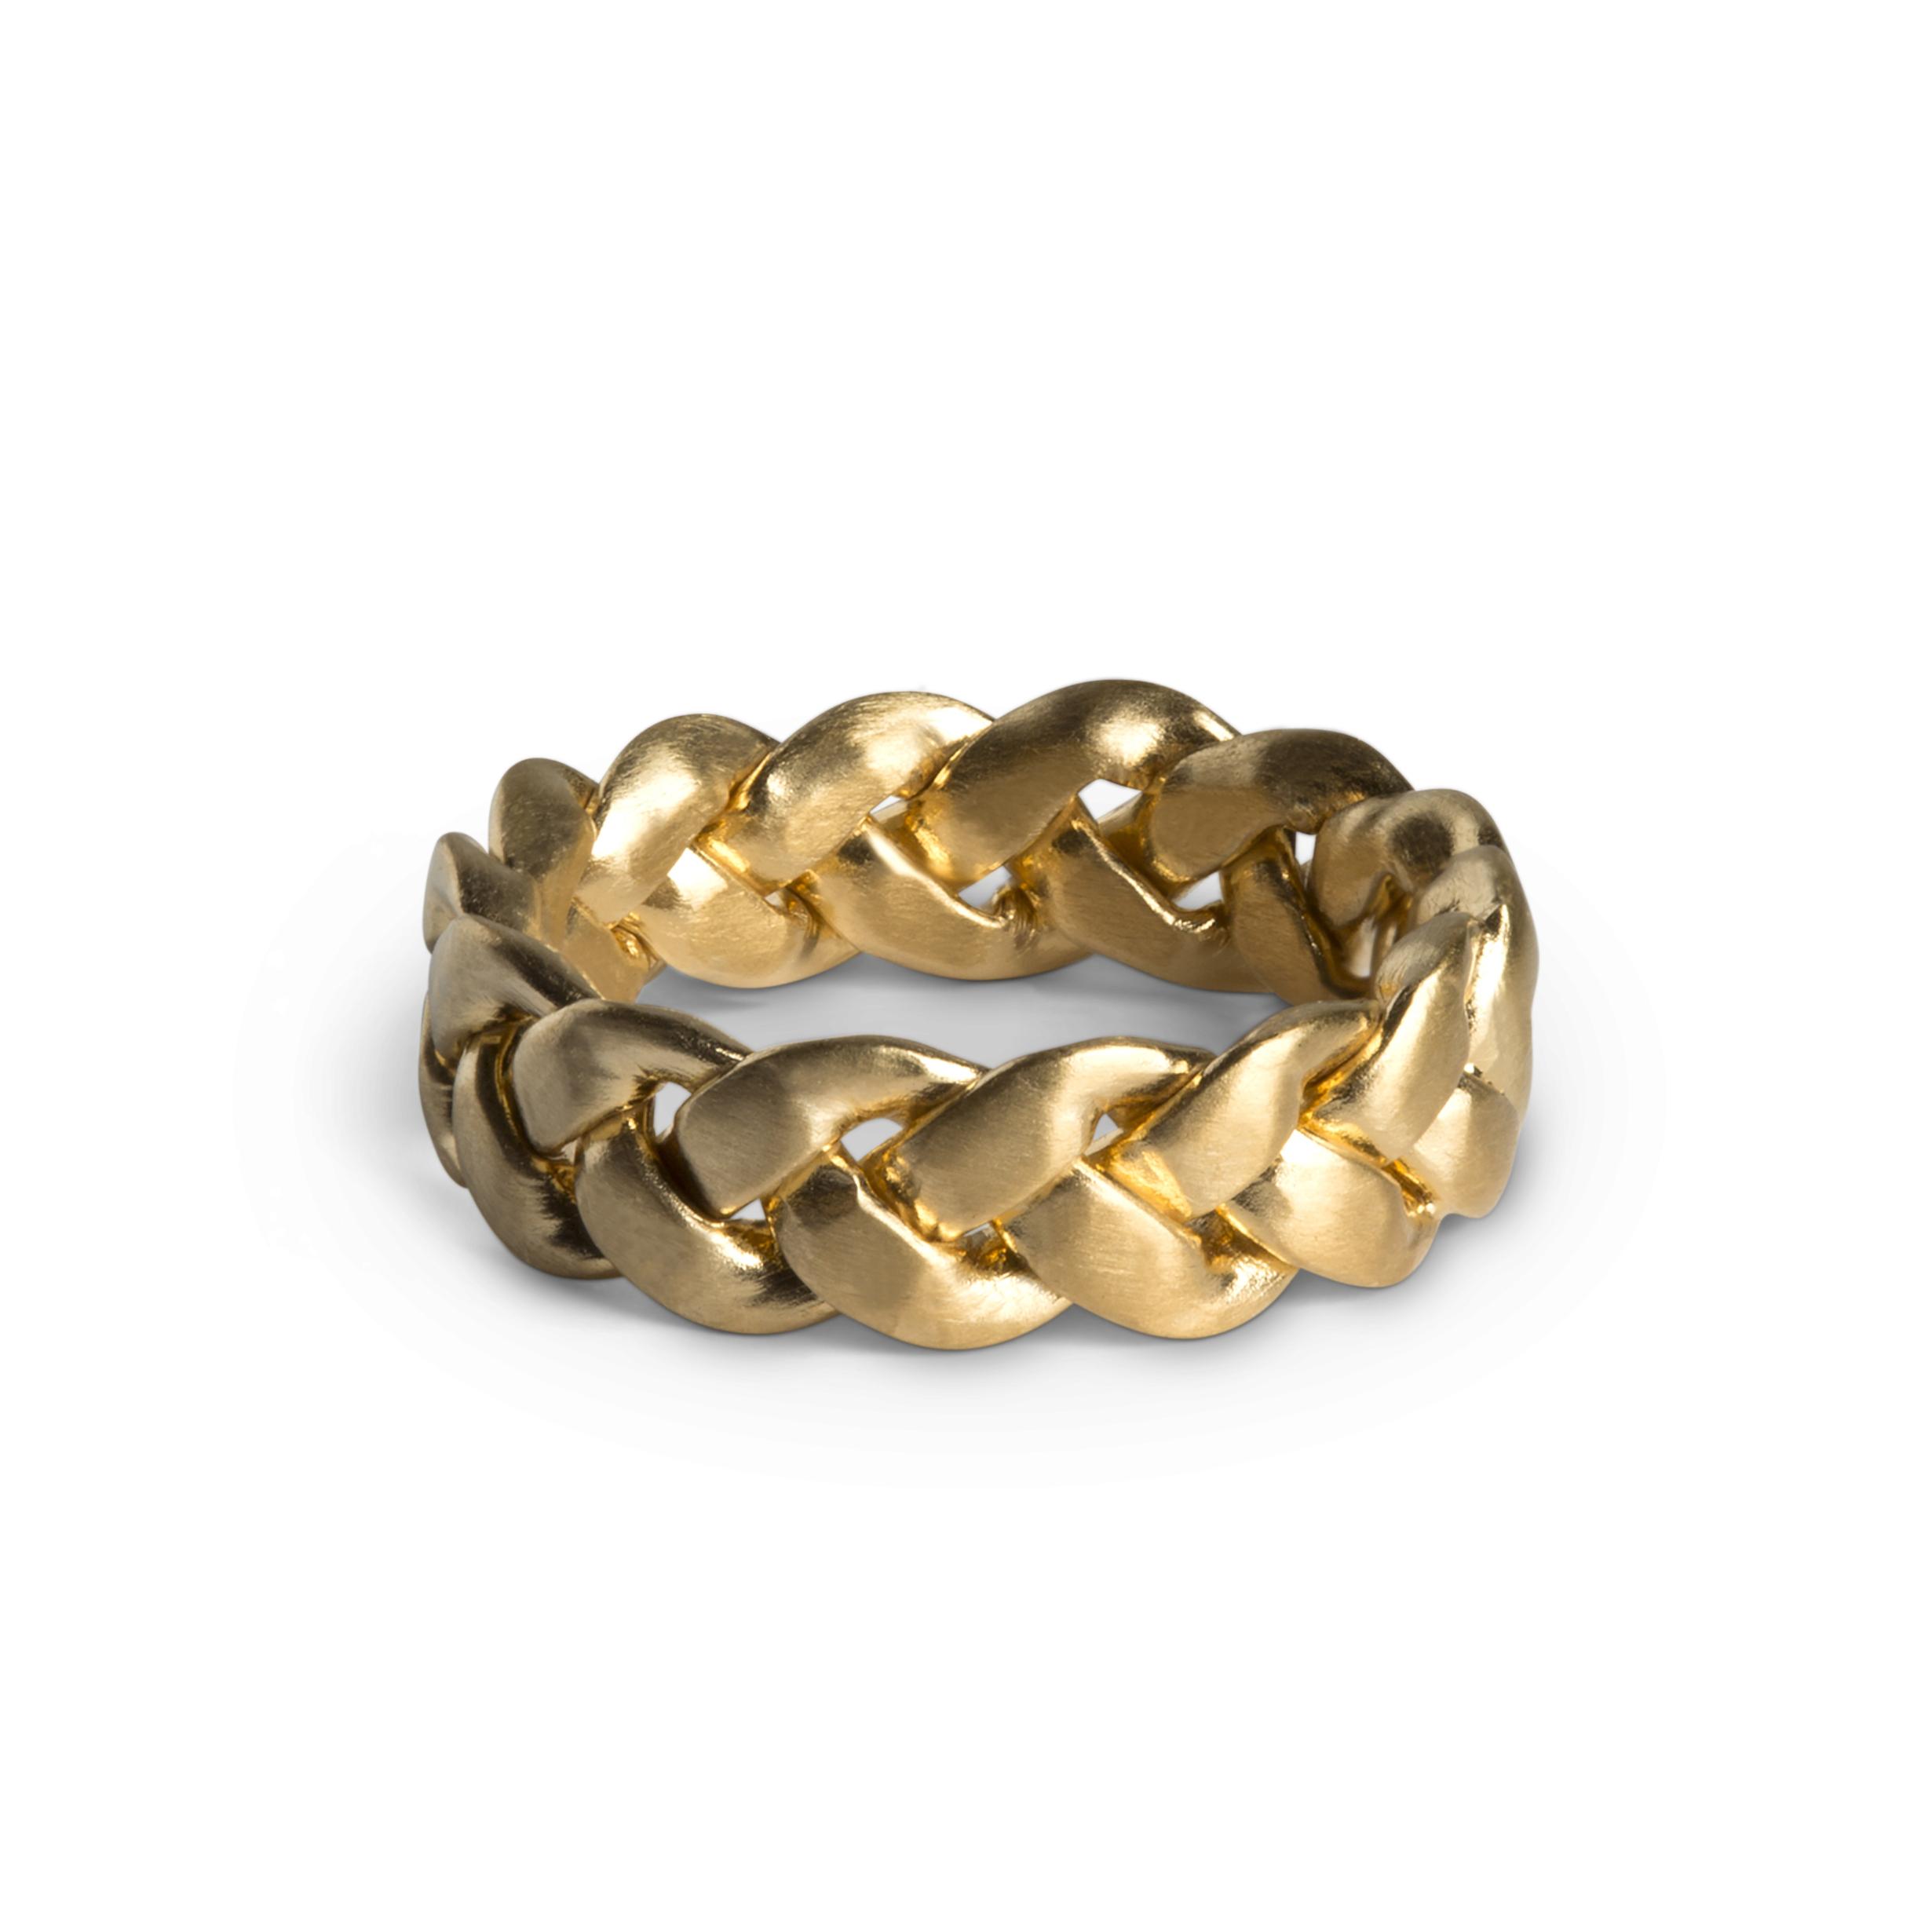 Jane Kønig Big Braided ring, guld, 58